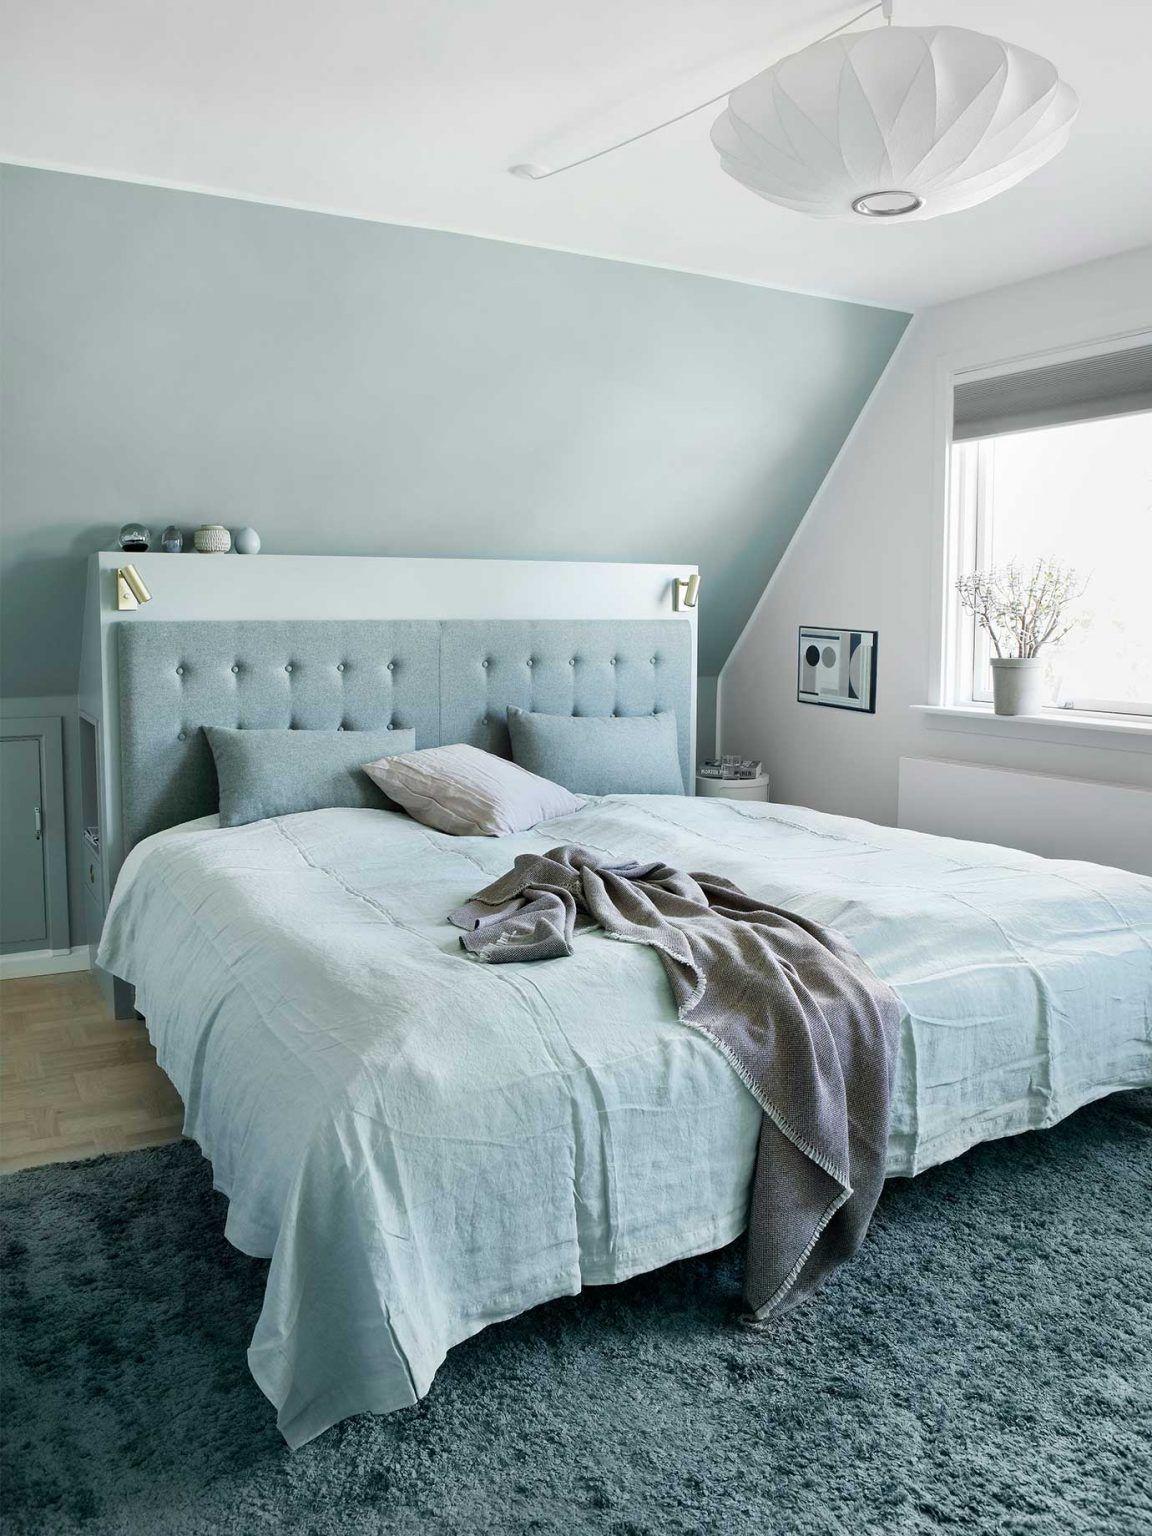 Schlafzimmer Beleuchtung Tipps Und Ideen In 2020 Schlafzimmer Beleuchtung Schlafzimmer Gestalten Schlafzimmer Dachschrage